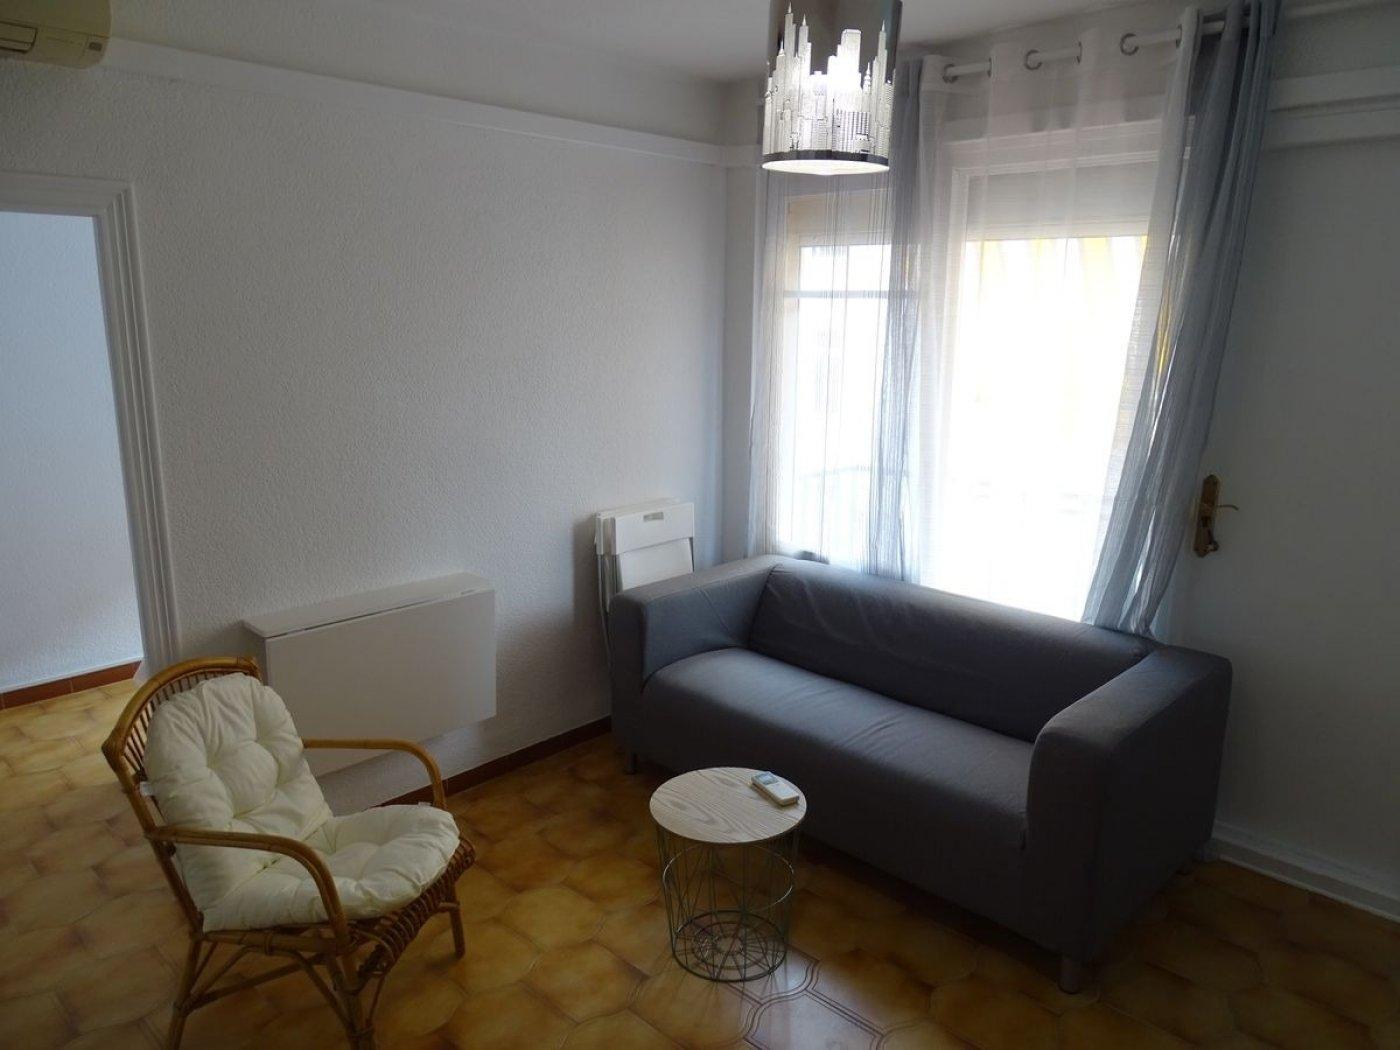 Apartamento en alquiler en Sant carles de la rapita, Sant Carles de la Rapita